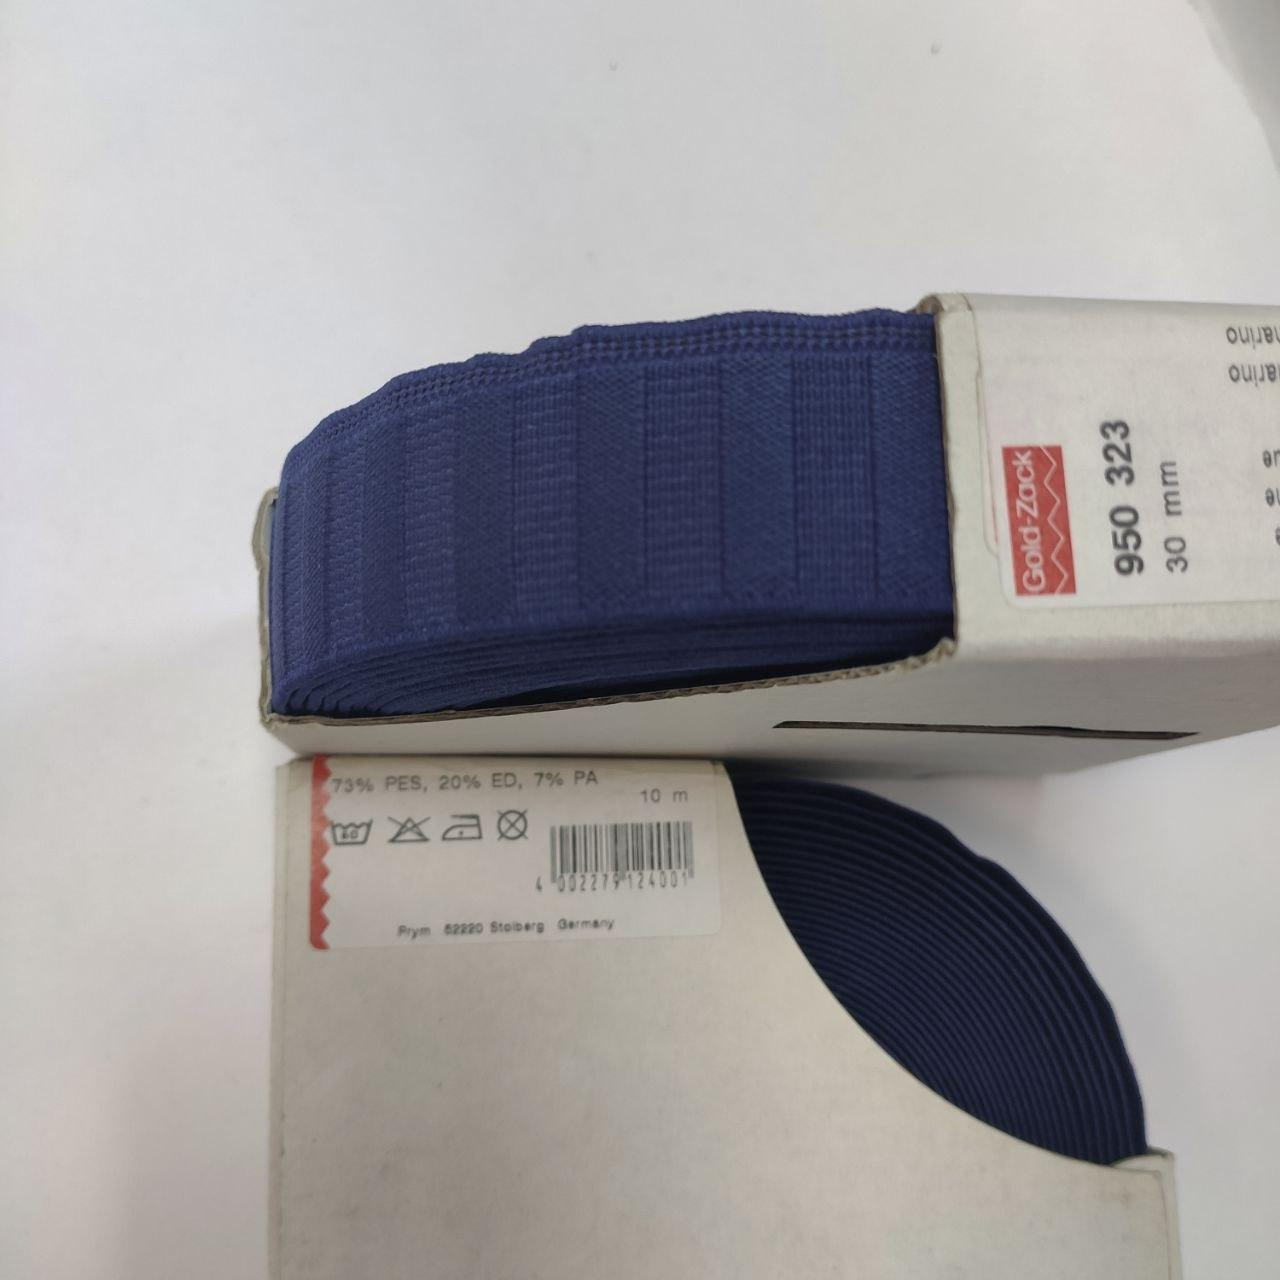 Текстильная швейная плоская резинка 30 мм, Gold-Zack от Prym